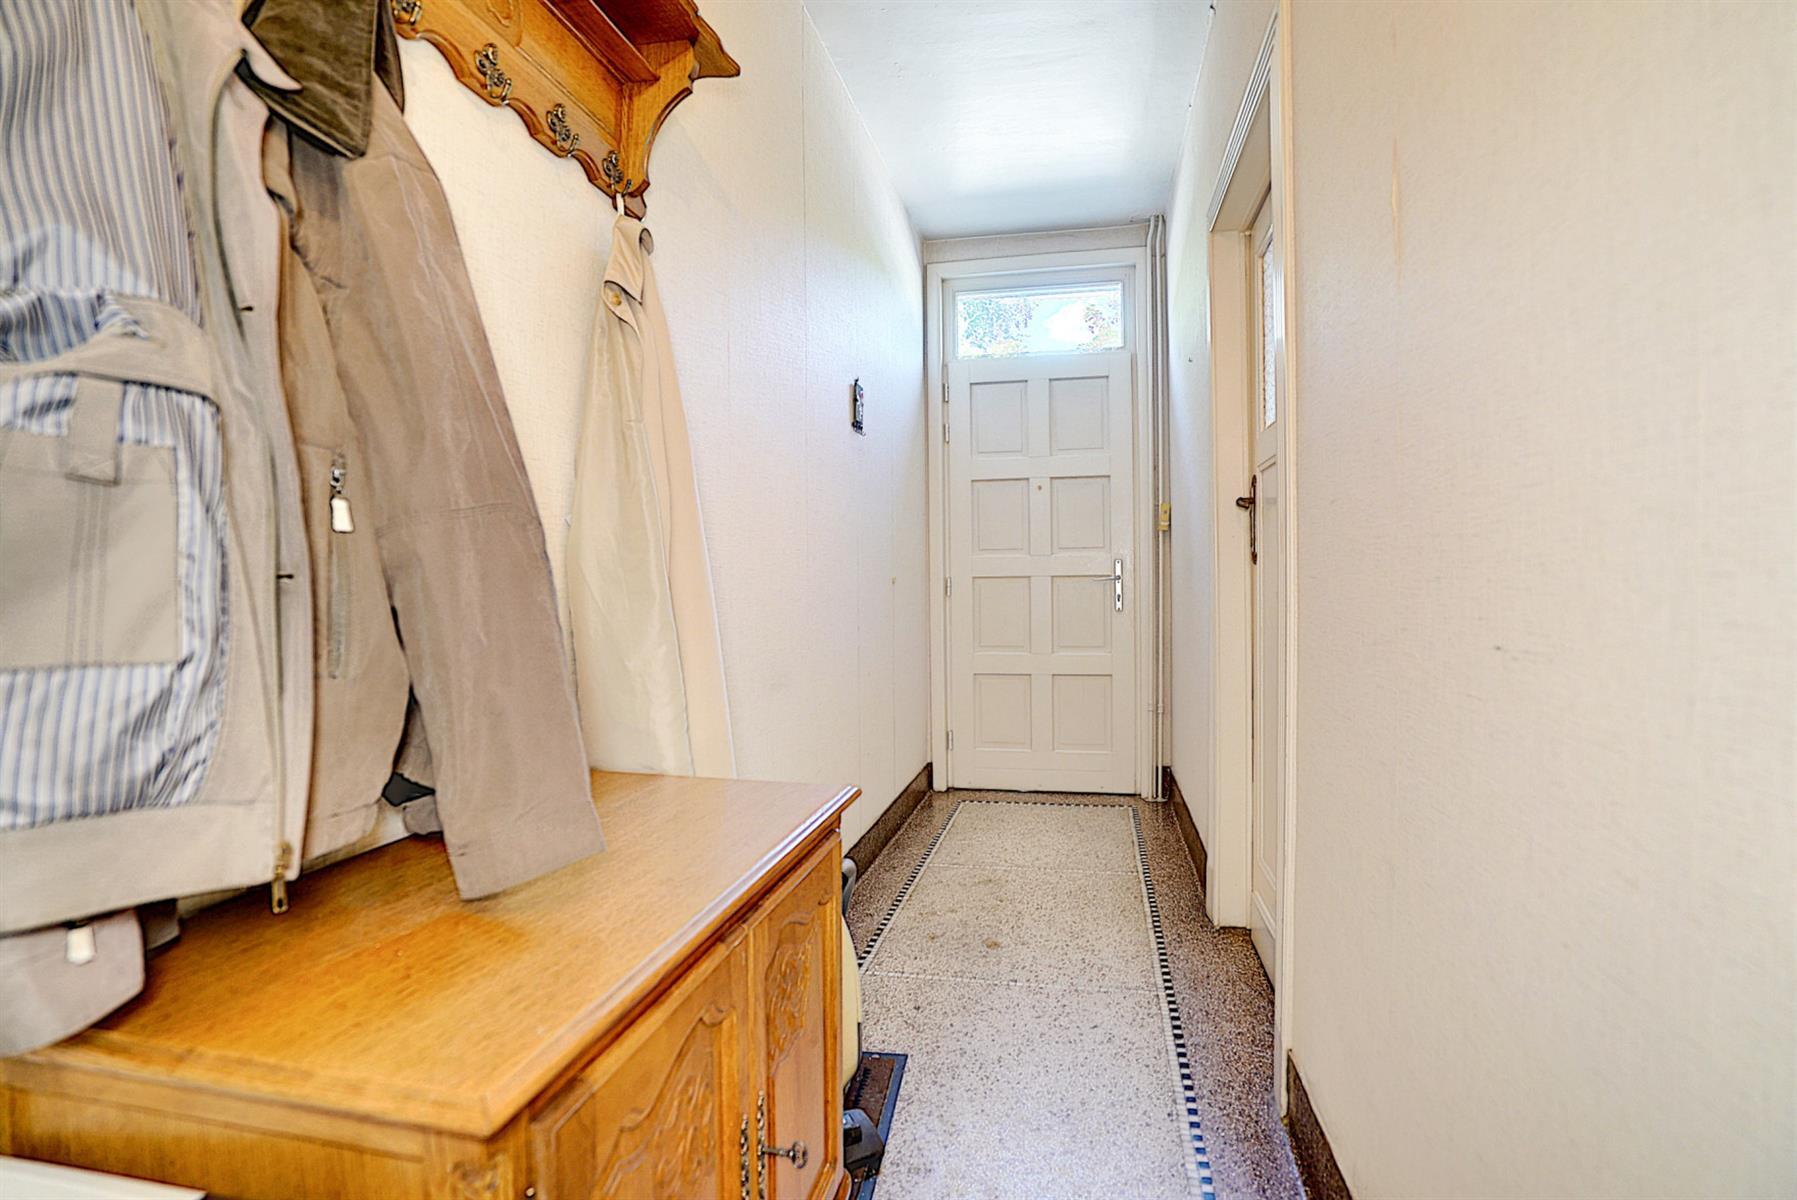 Maison - Court-saint-Étienne - #4499148-3